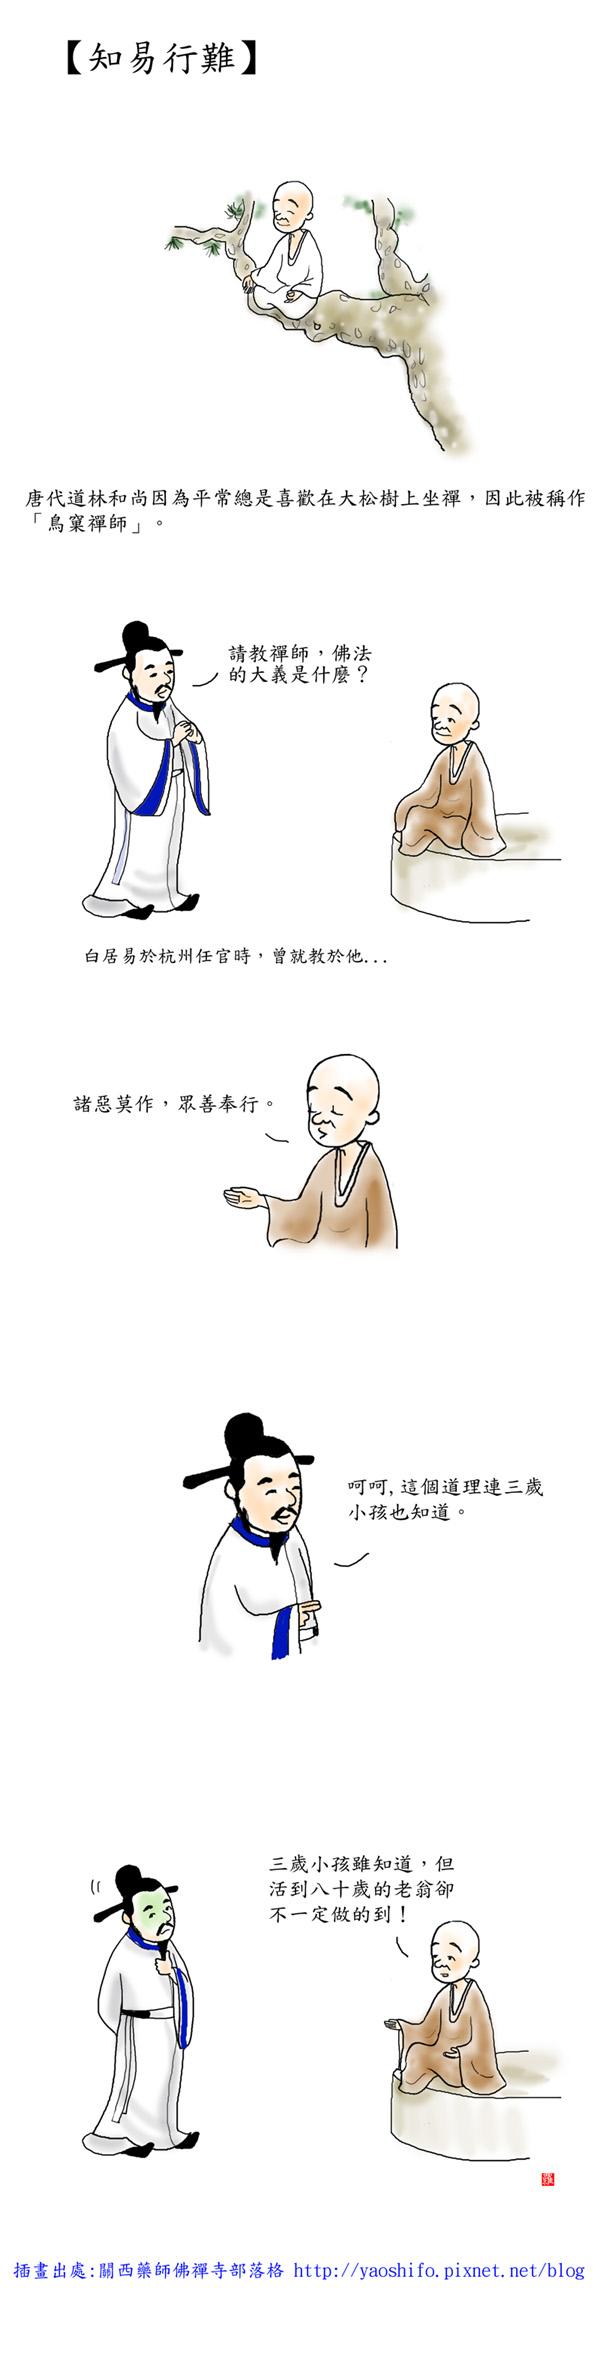 知易行難-1